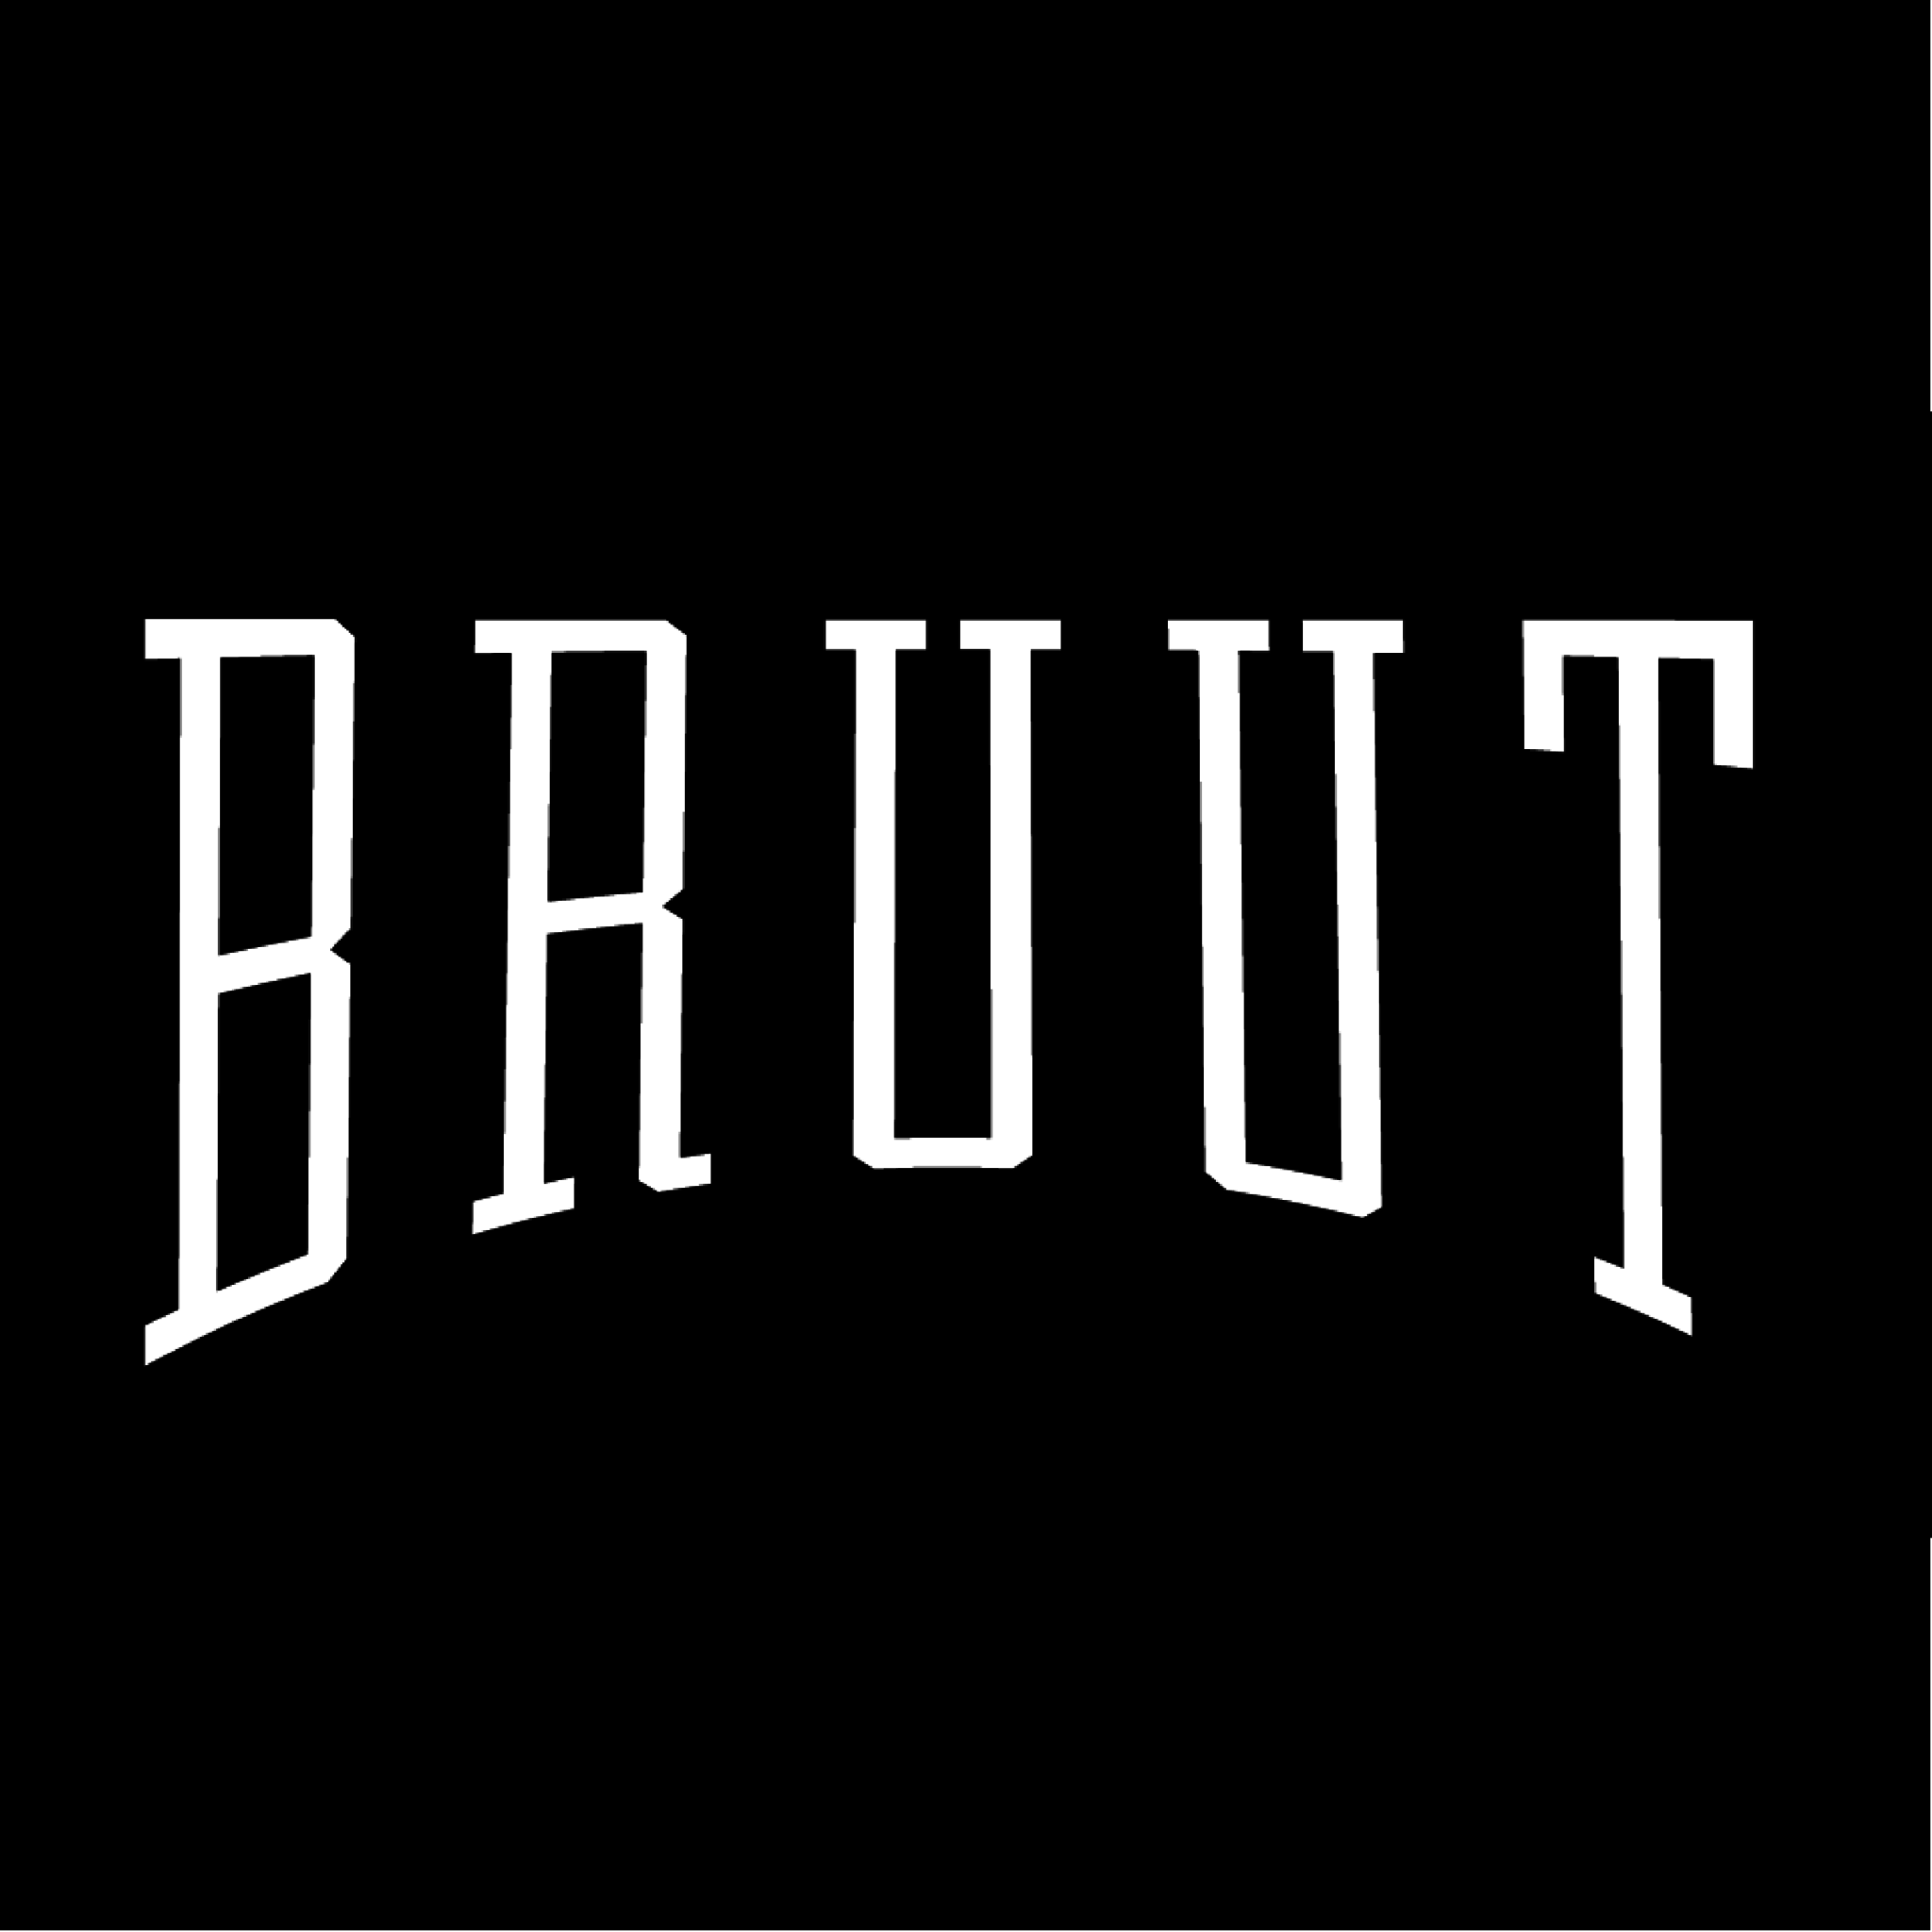 Bruut Weekly Drops